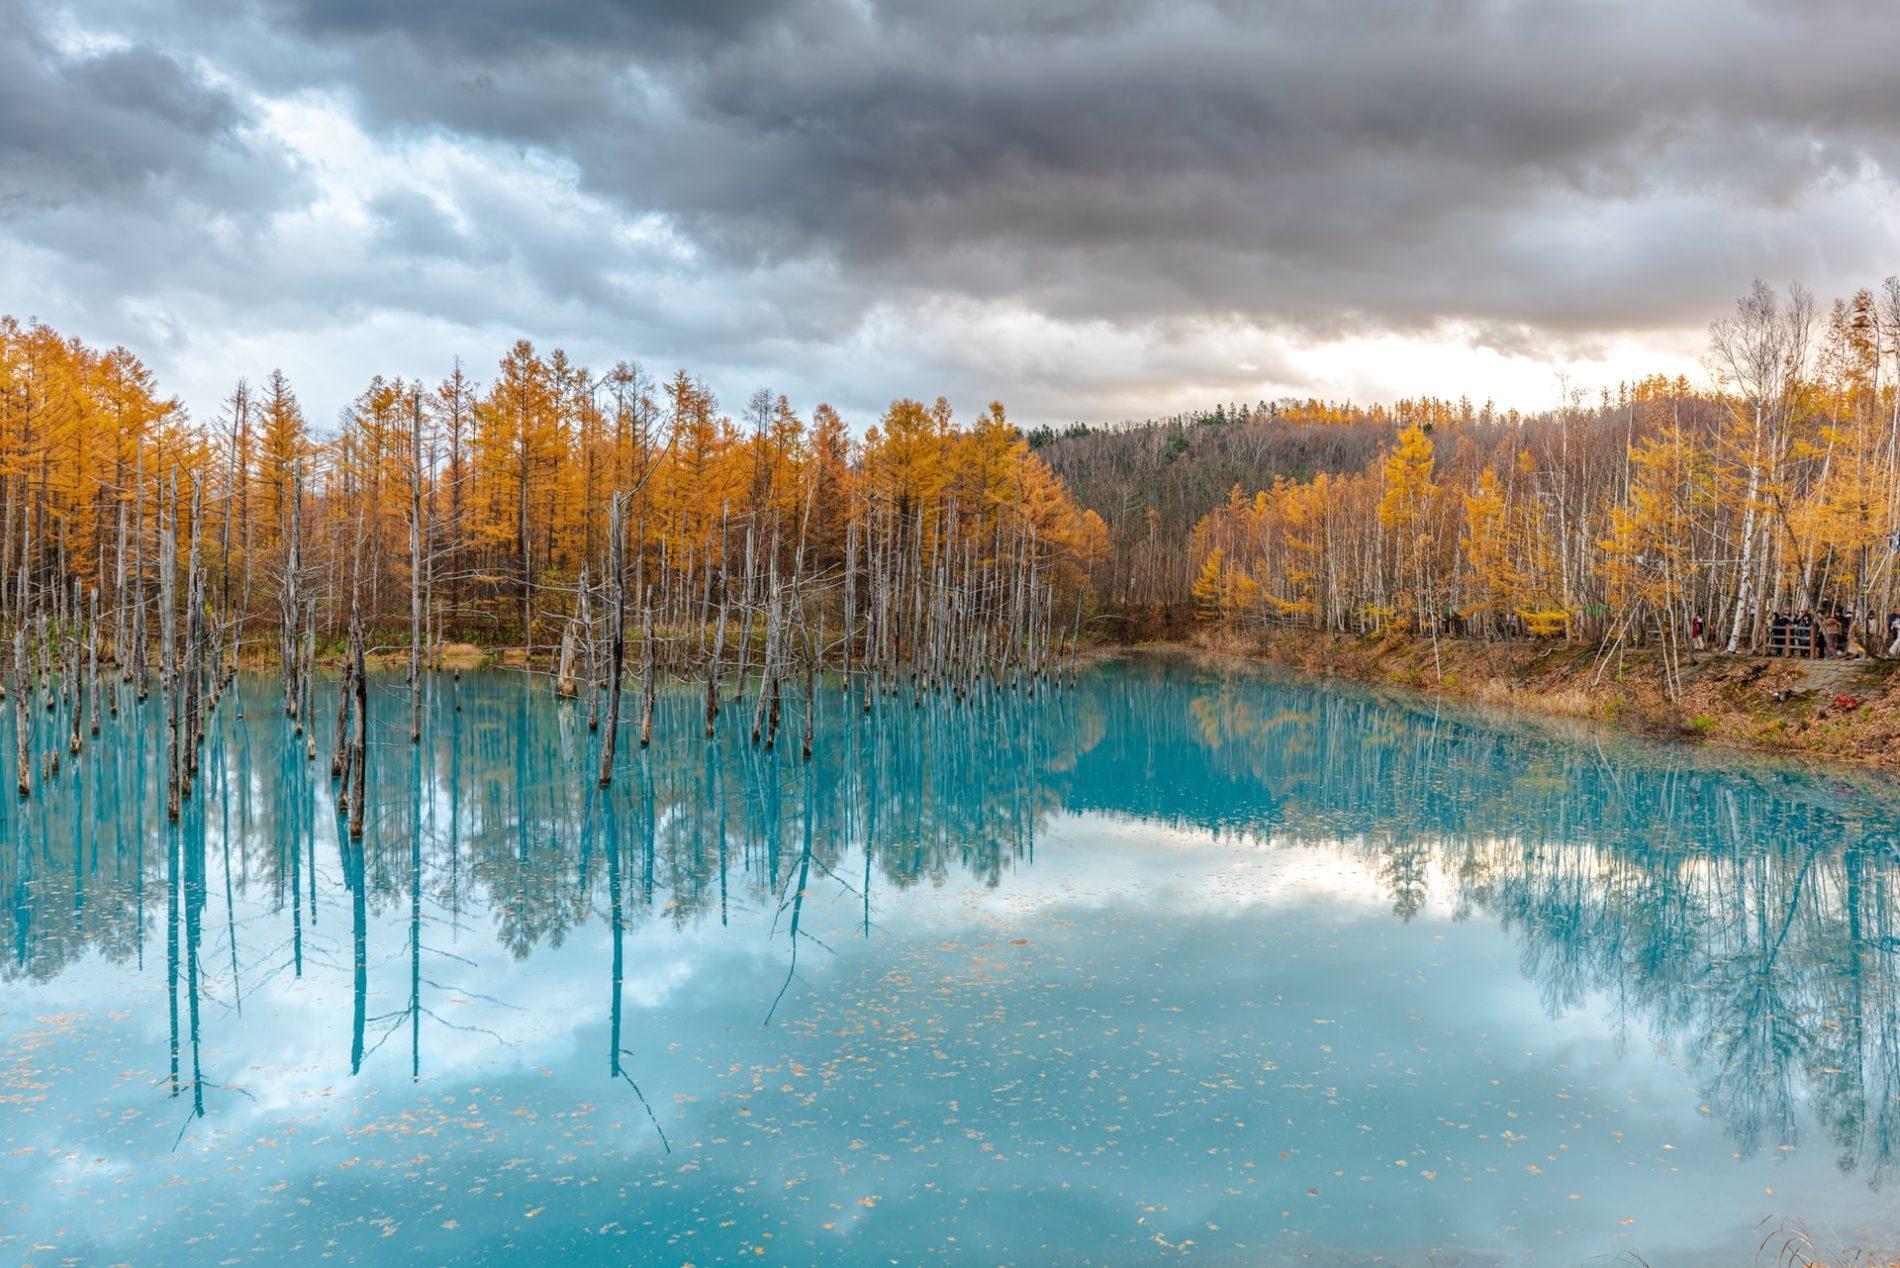 Der blaue Teich auf Hokkaidō ist nur ein spektakuläres Beispiel für die schöne Herbstlaubfärbung dort. (Foto: topcools tee auf Unsplash https://unsplash.com/photos/7FzSI2O3xJs)